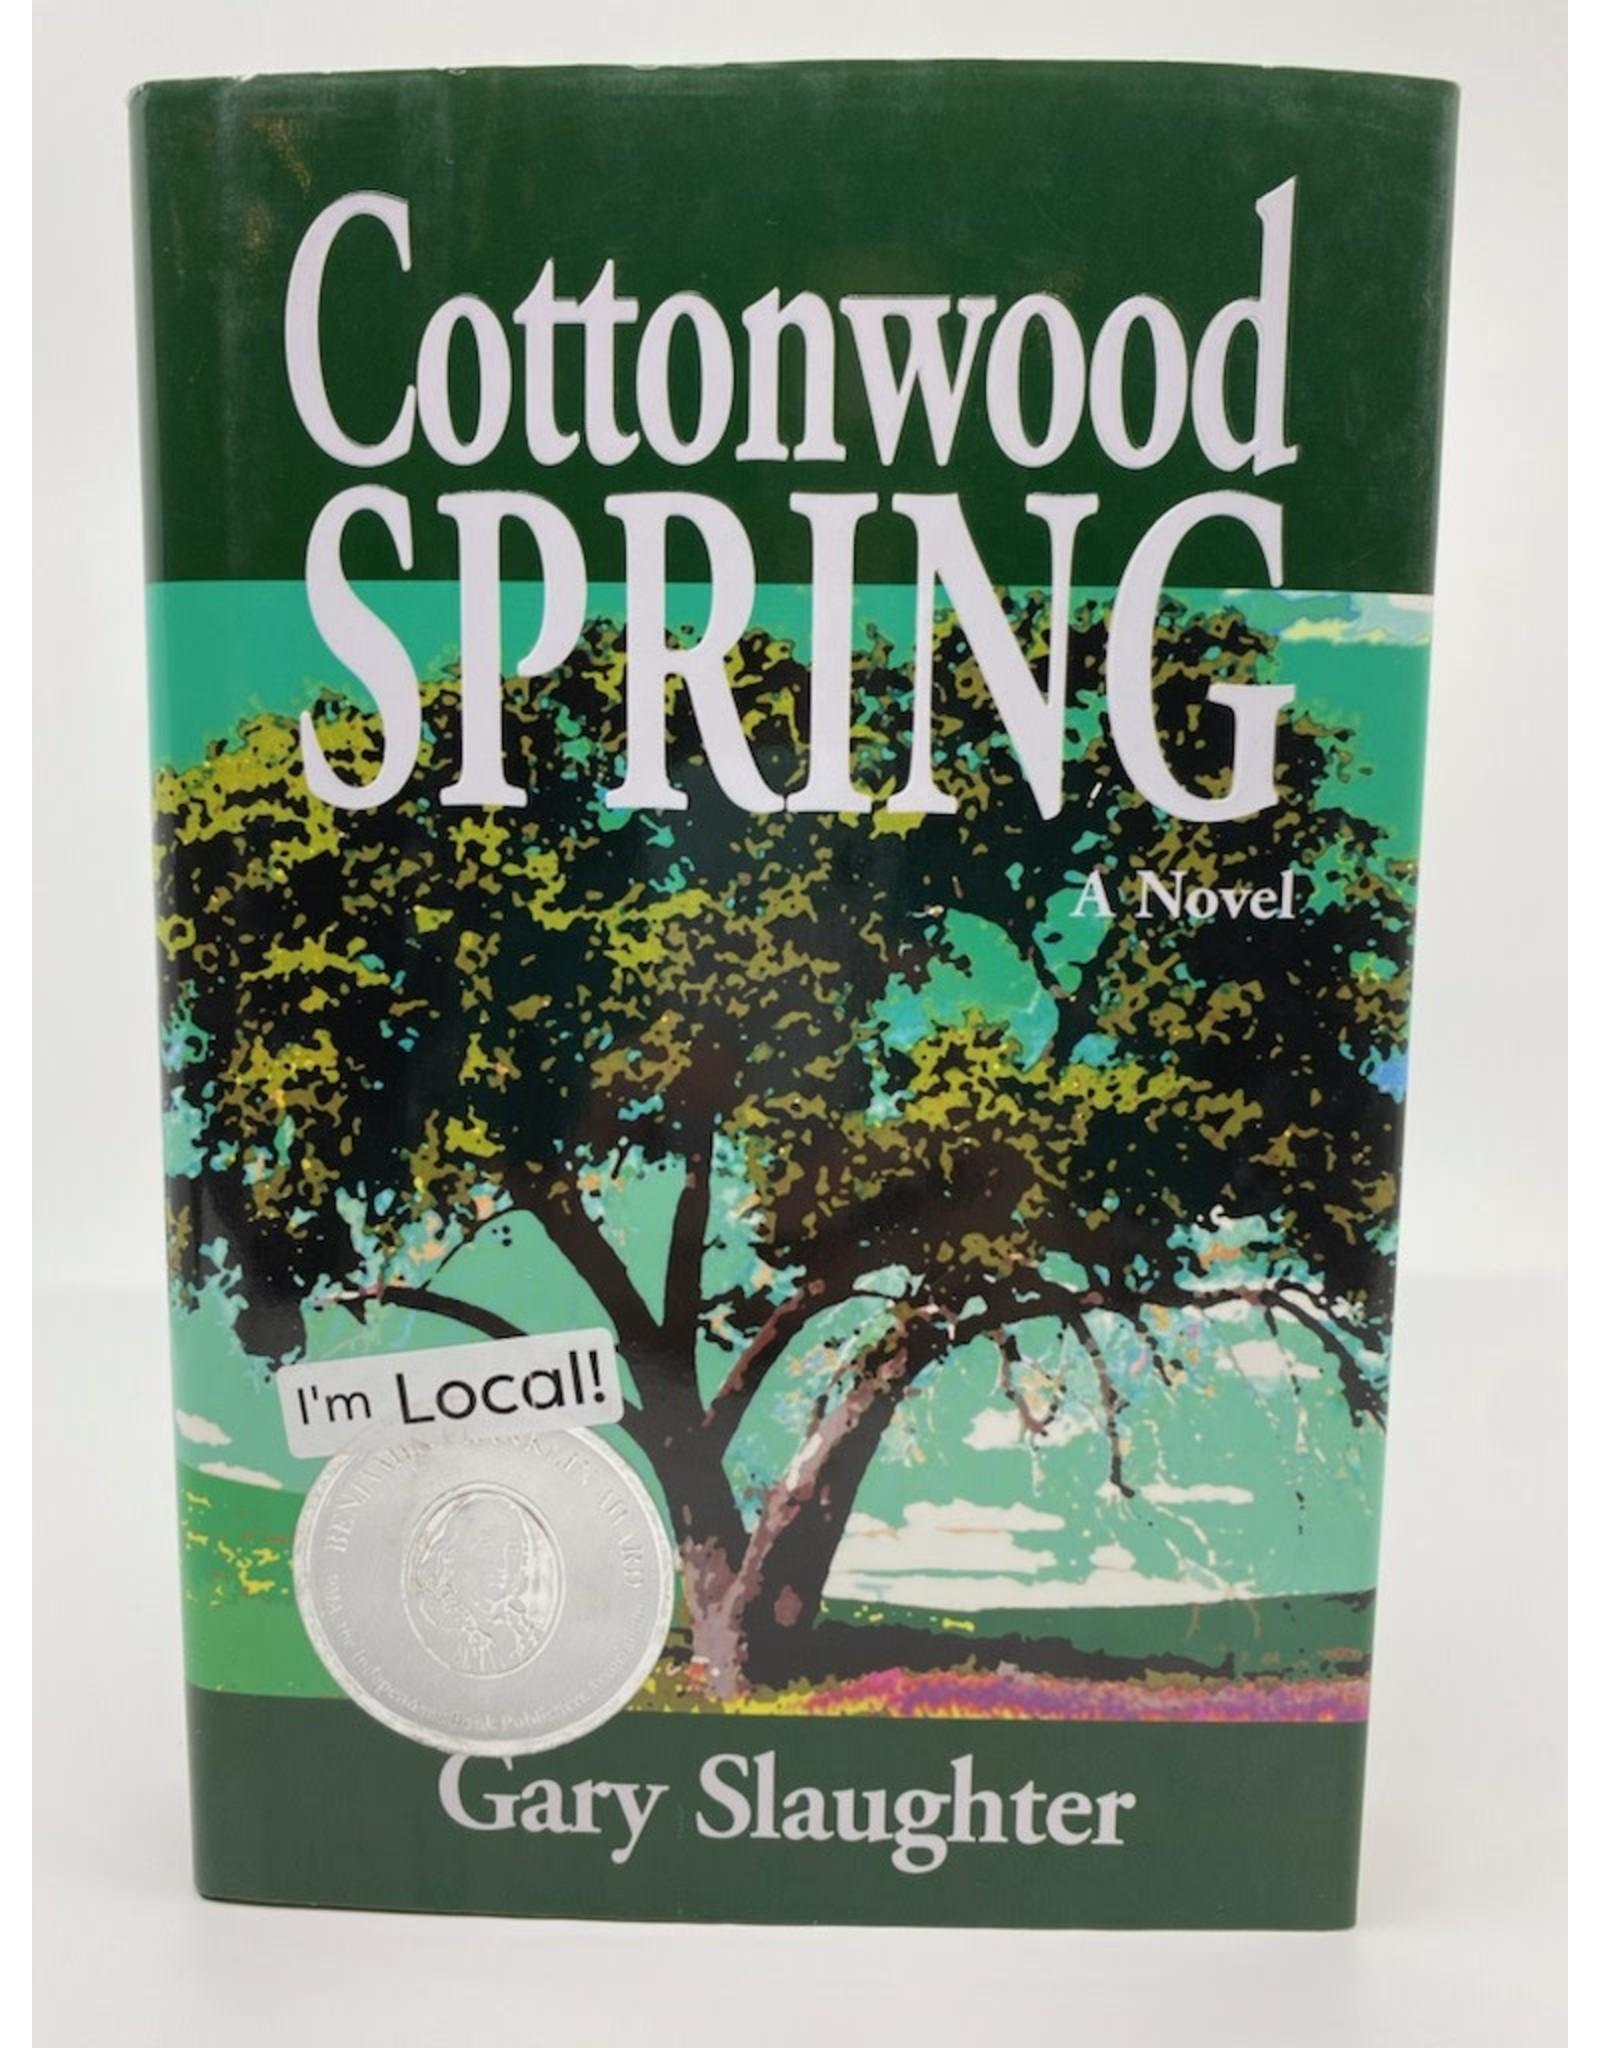 Cottonwood Novel